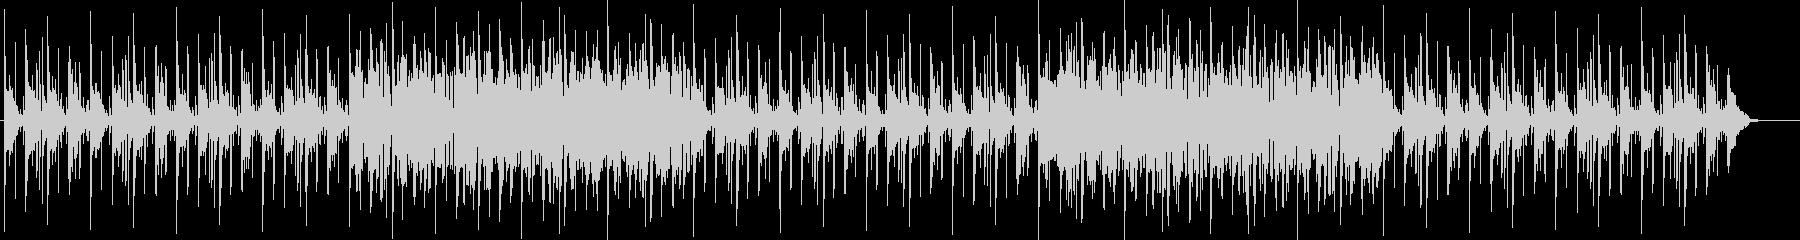 個性的なシンセのリズムある曲の未再生の波形